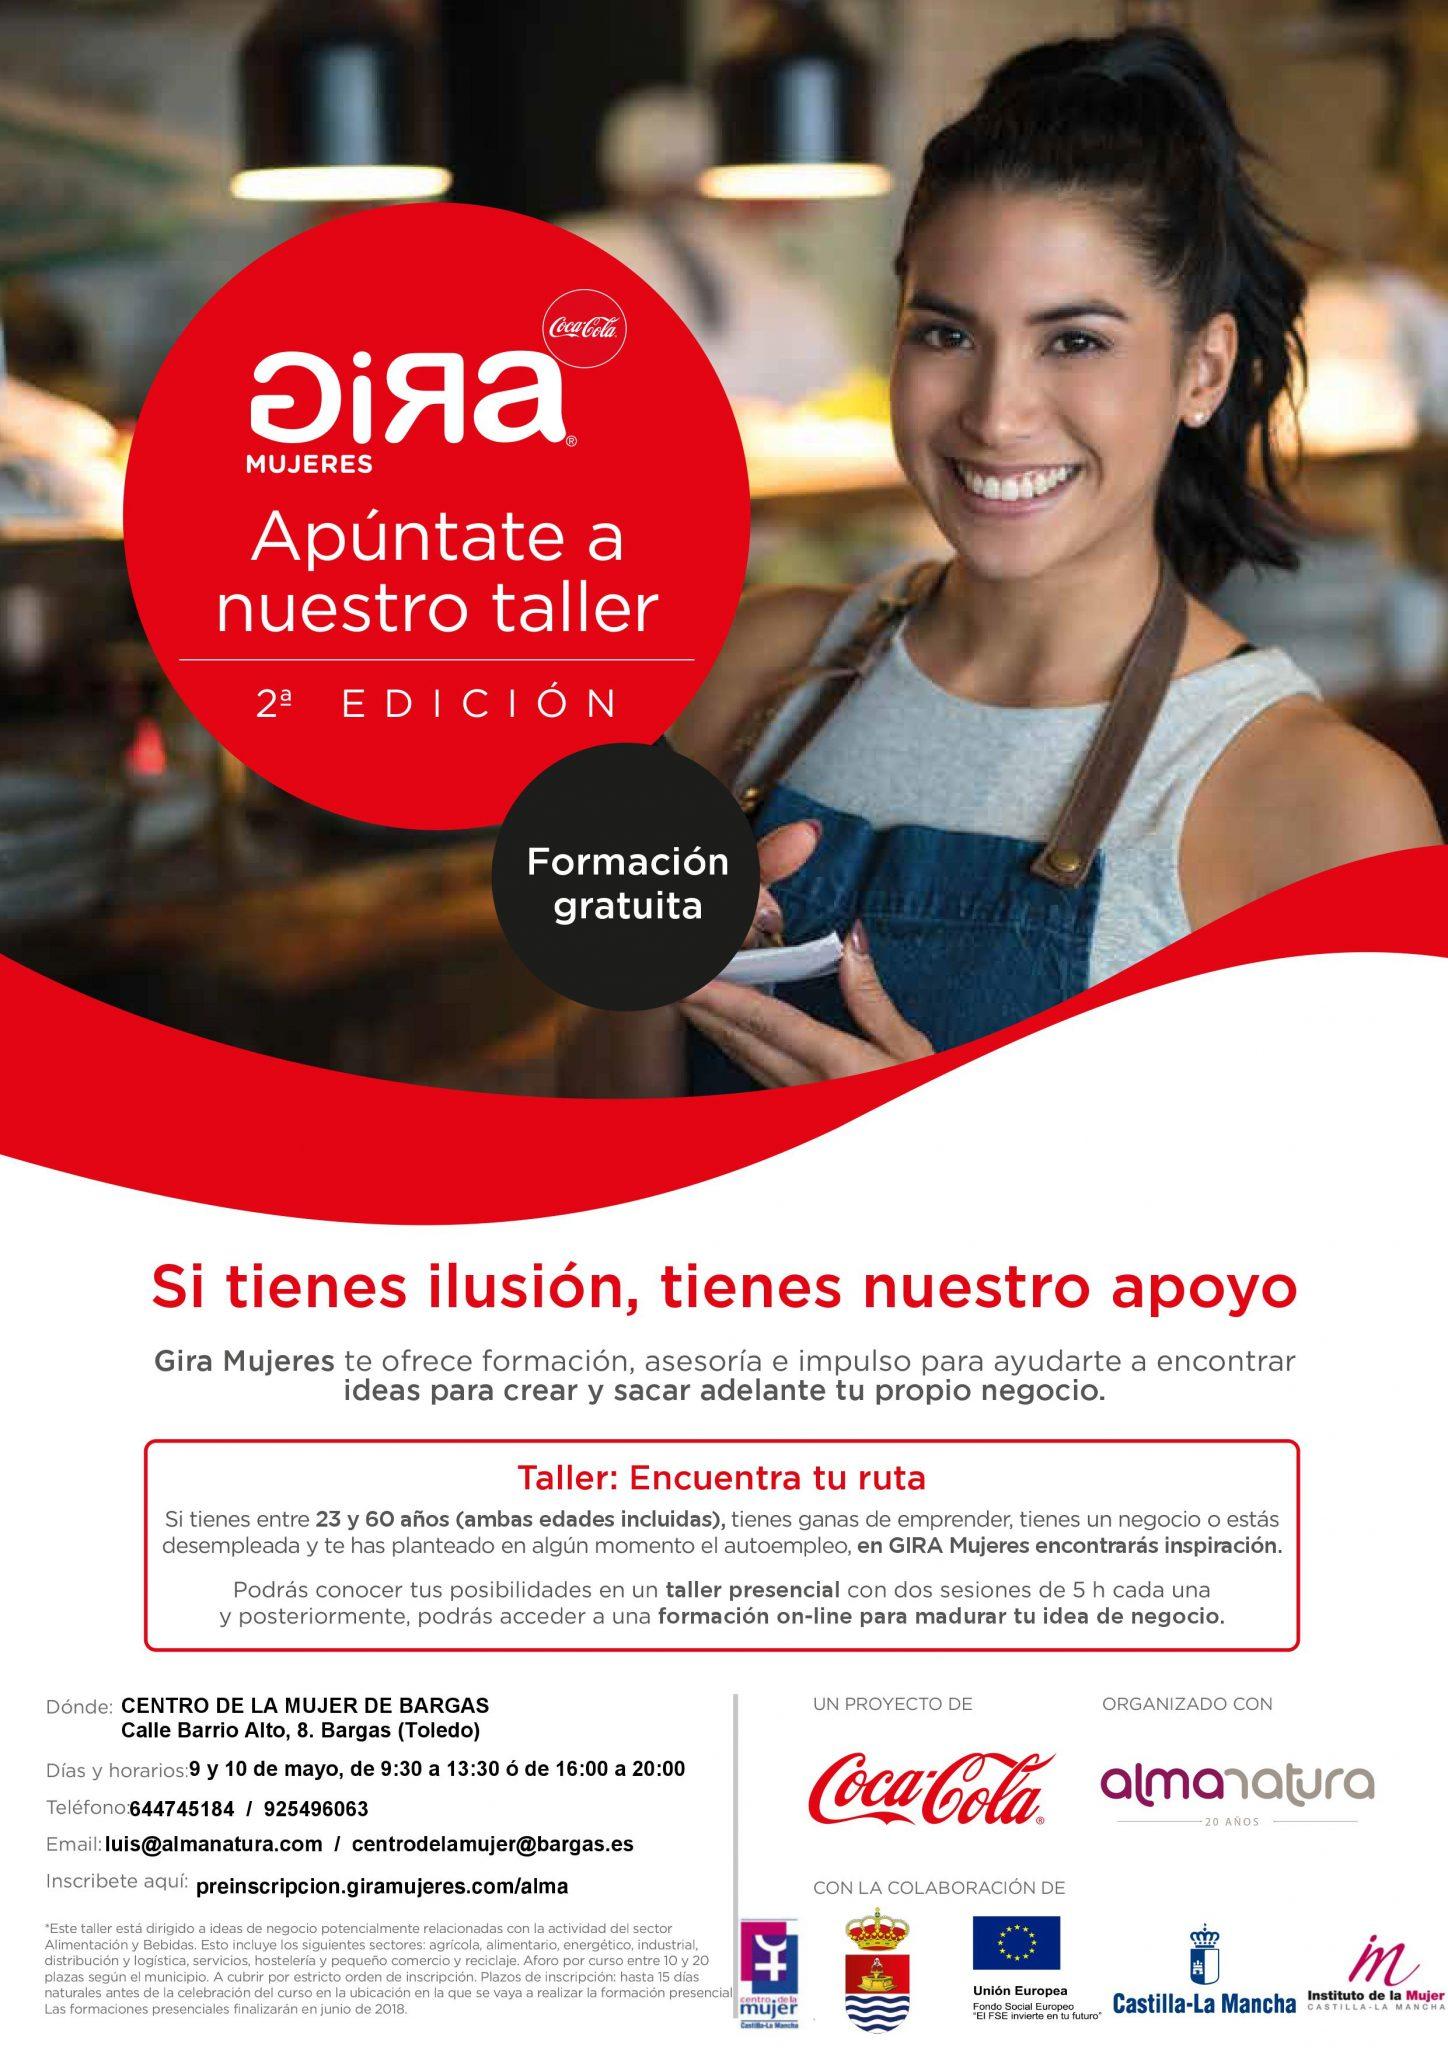 Proyecto GIRA Mujeres